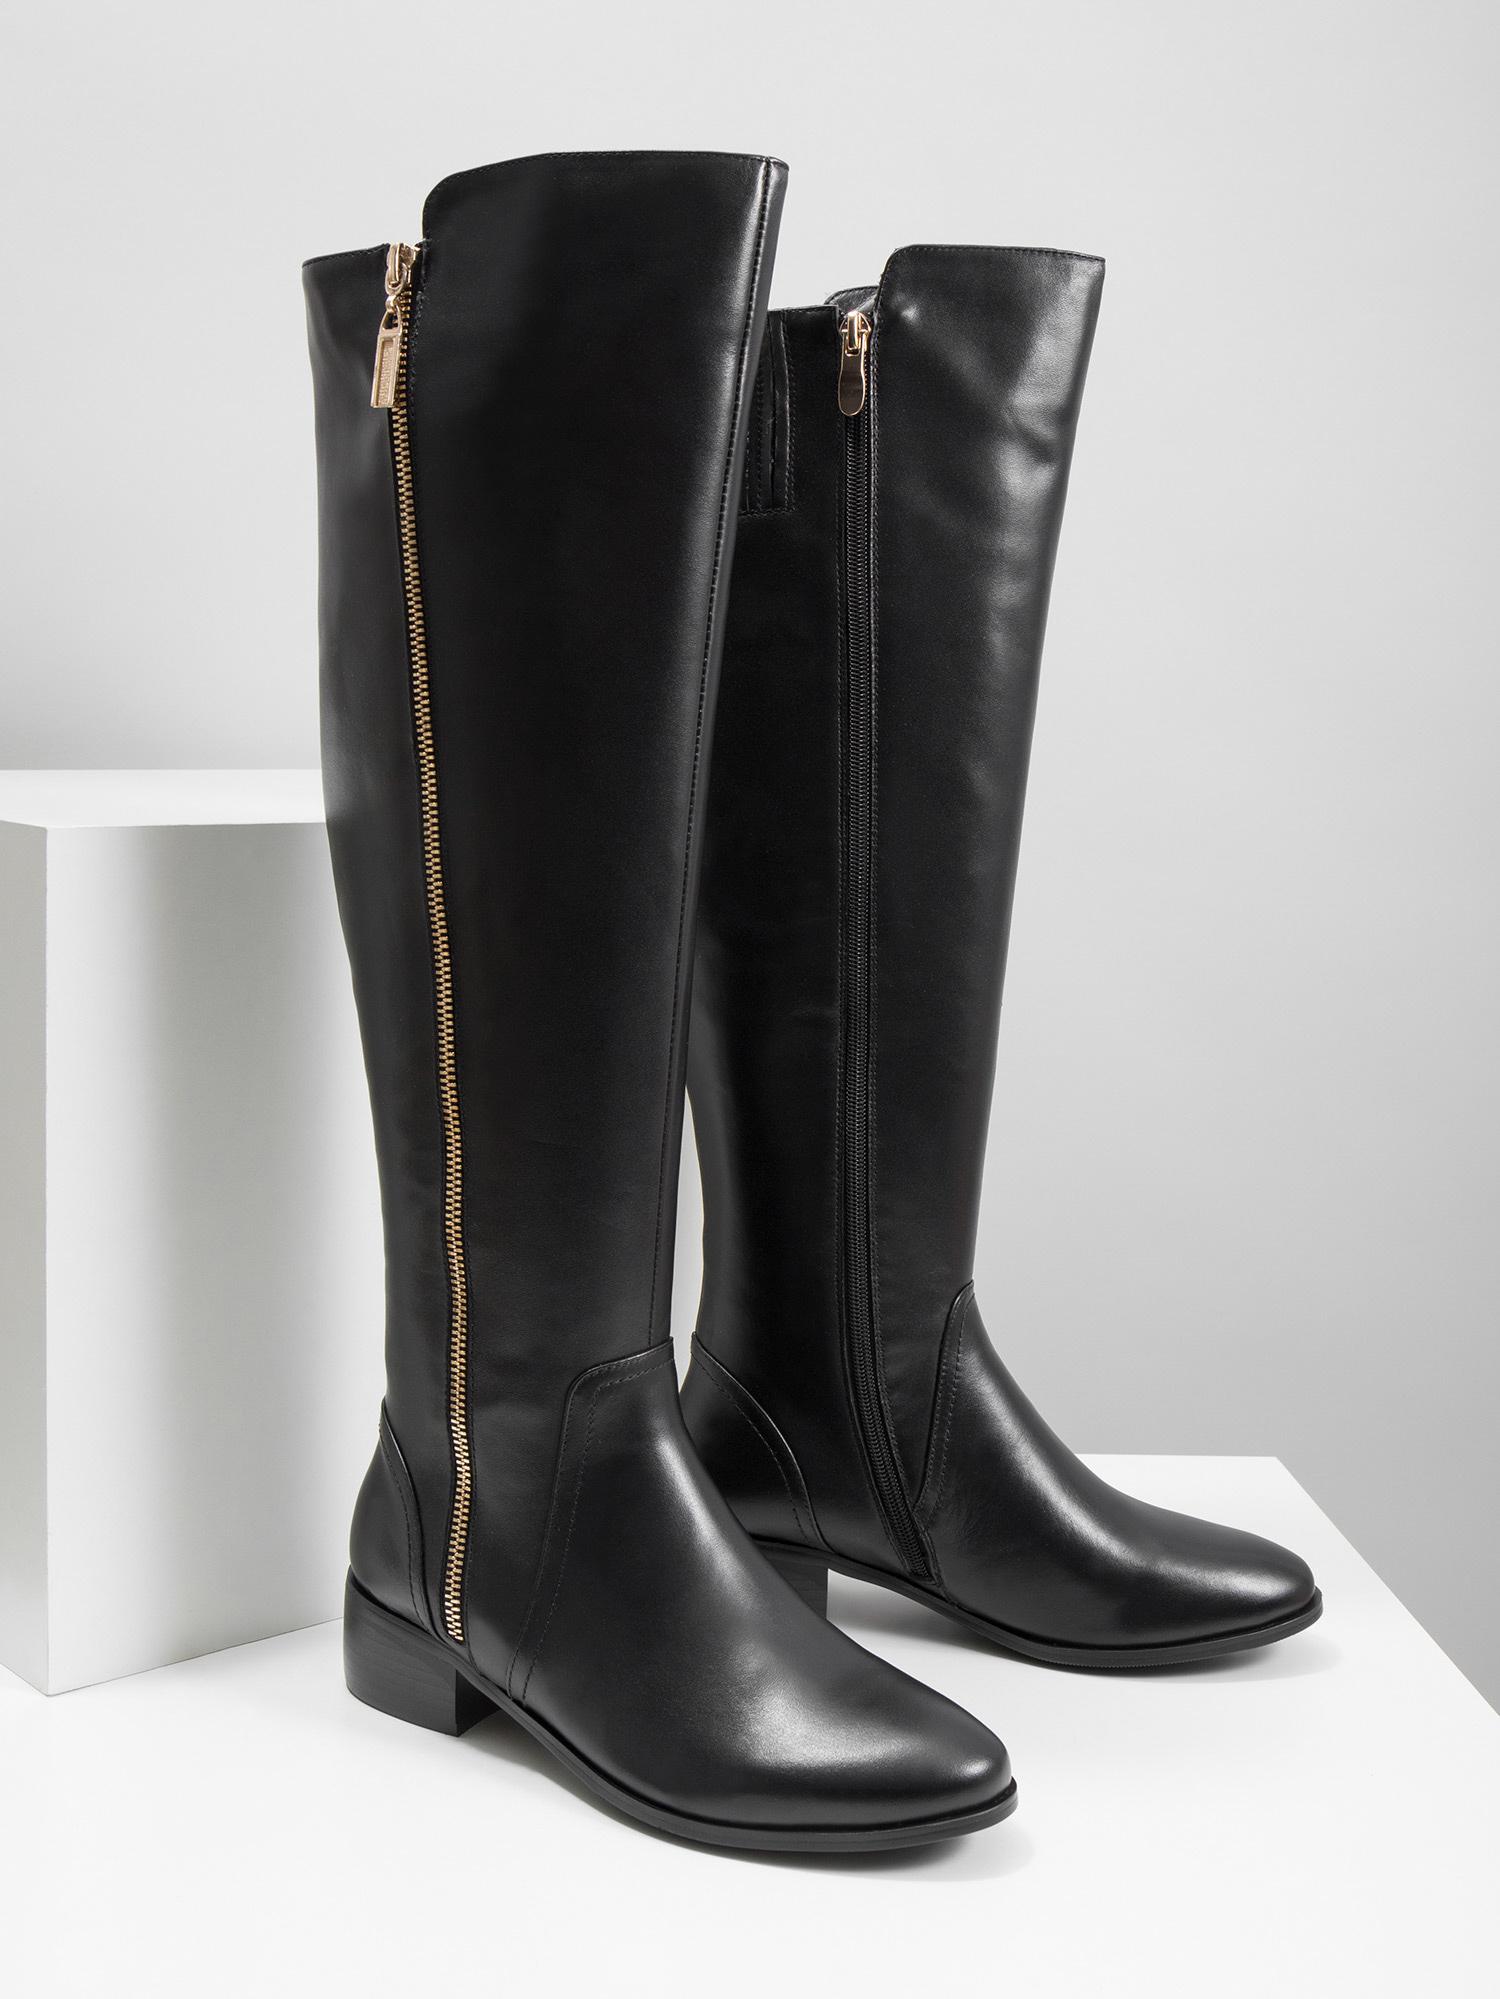 460dacdebf Baťa Kožené dámske čižmy so zipsom - Všetky topánky